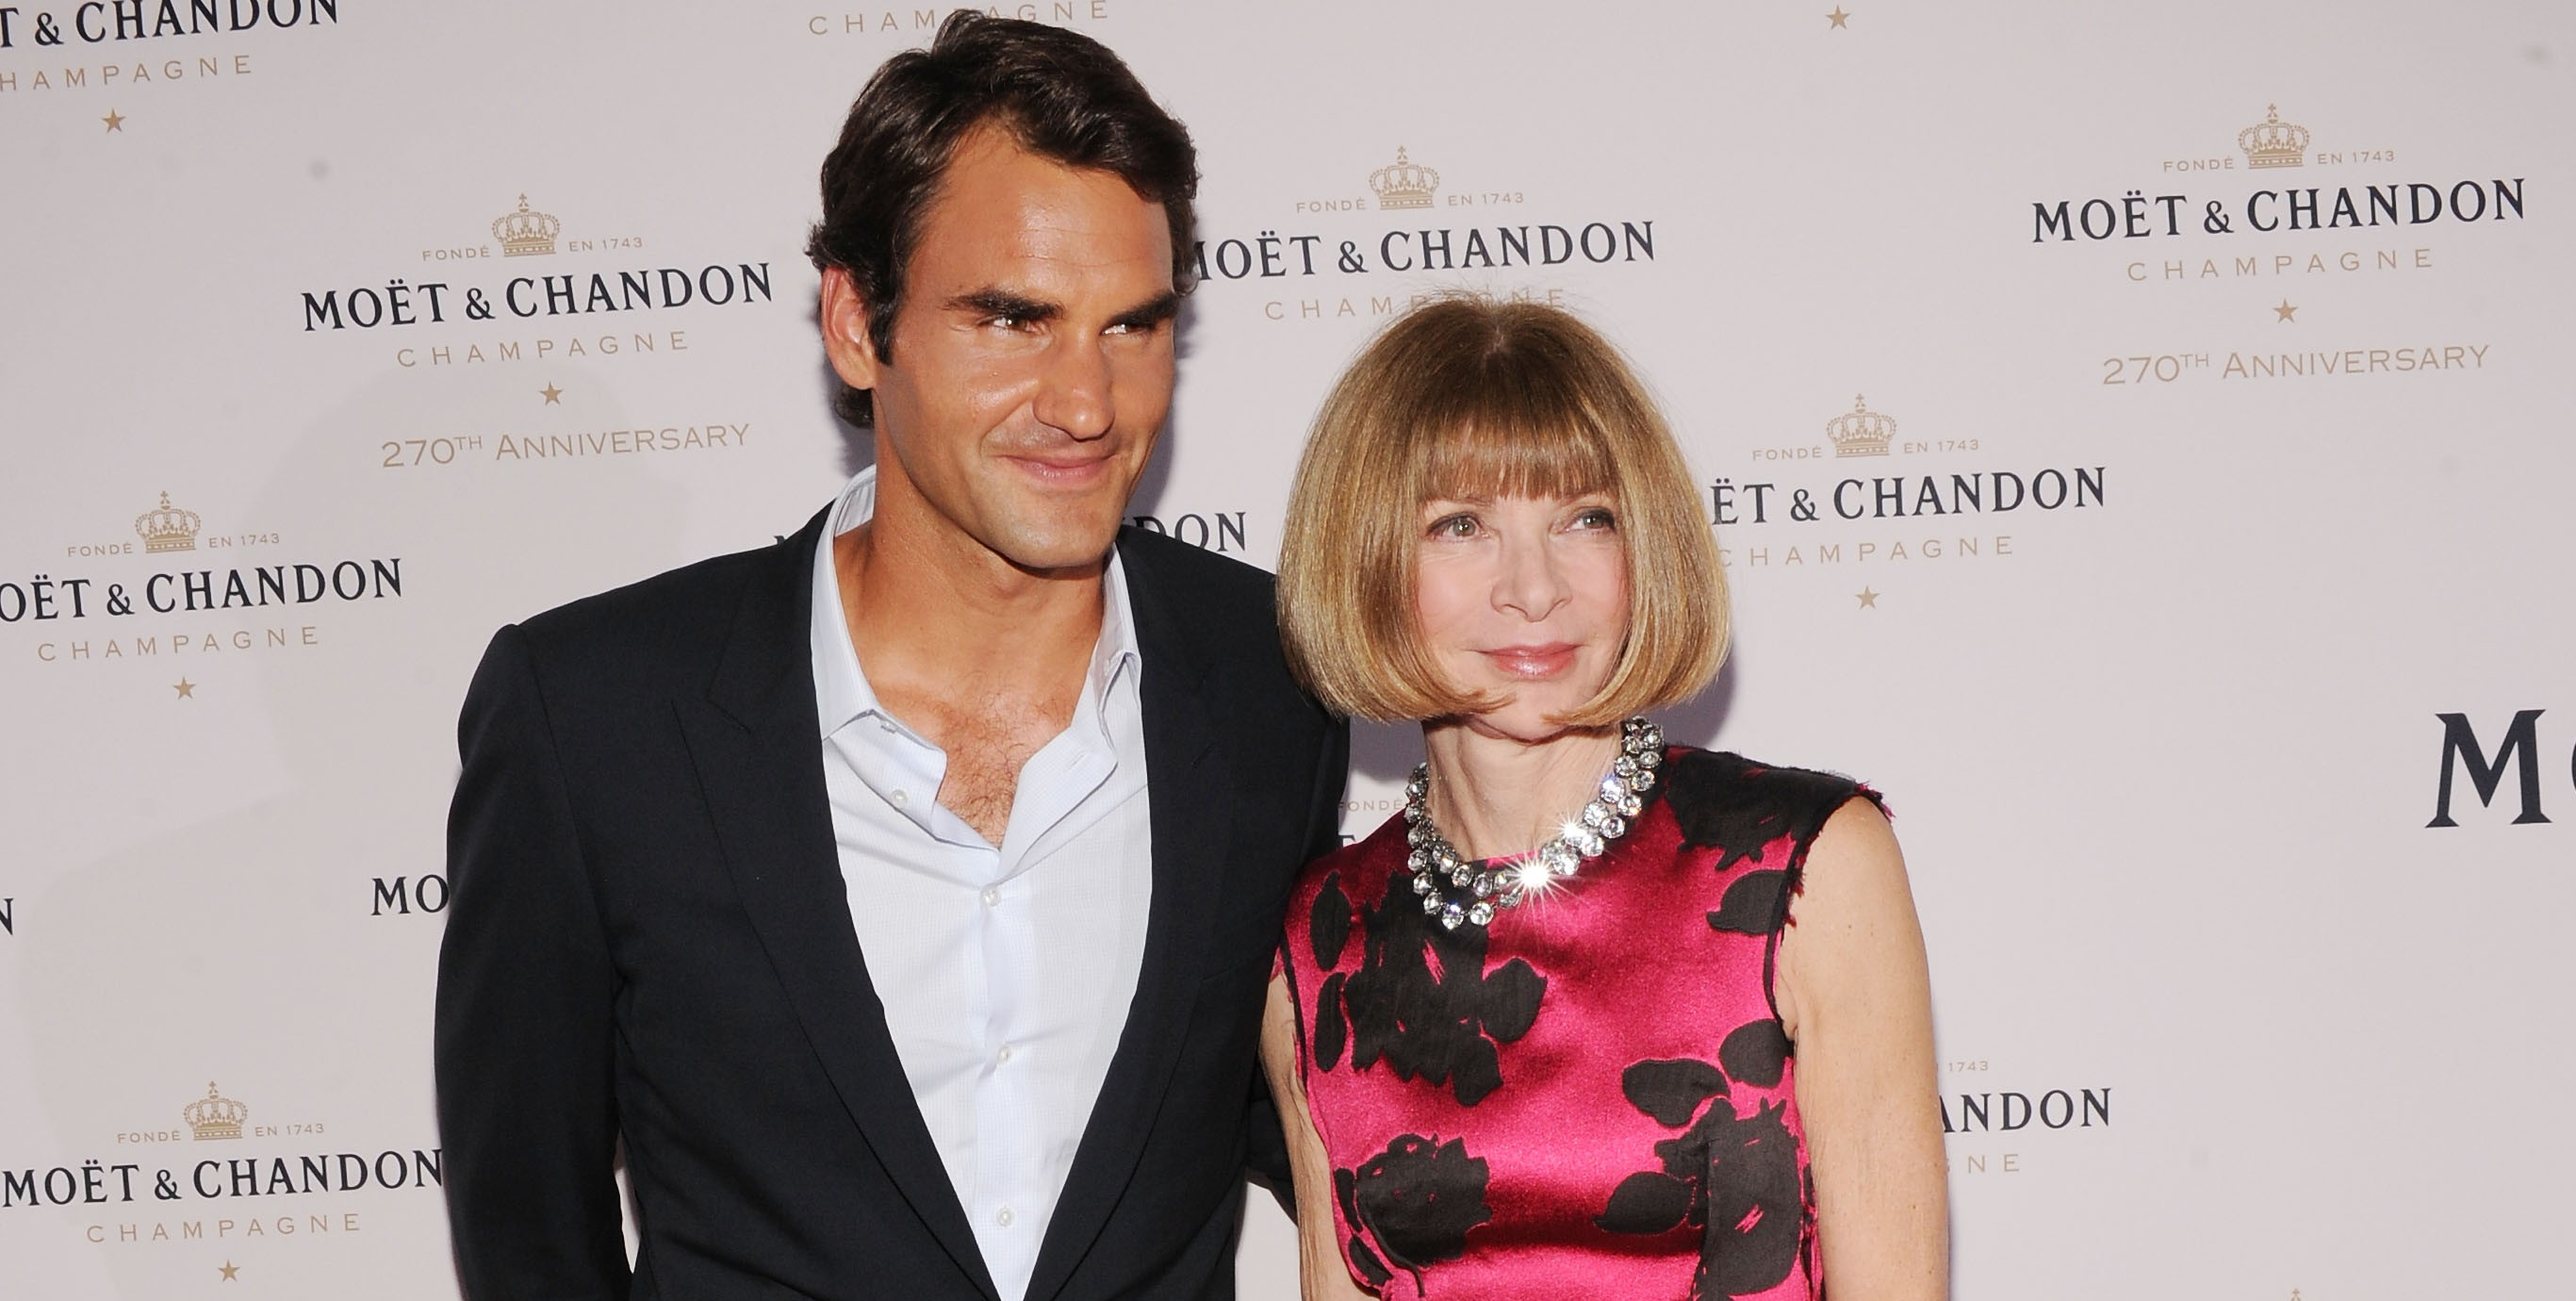 Швейцарец дружит с Анной Винтур, главным редактором американского Vogue